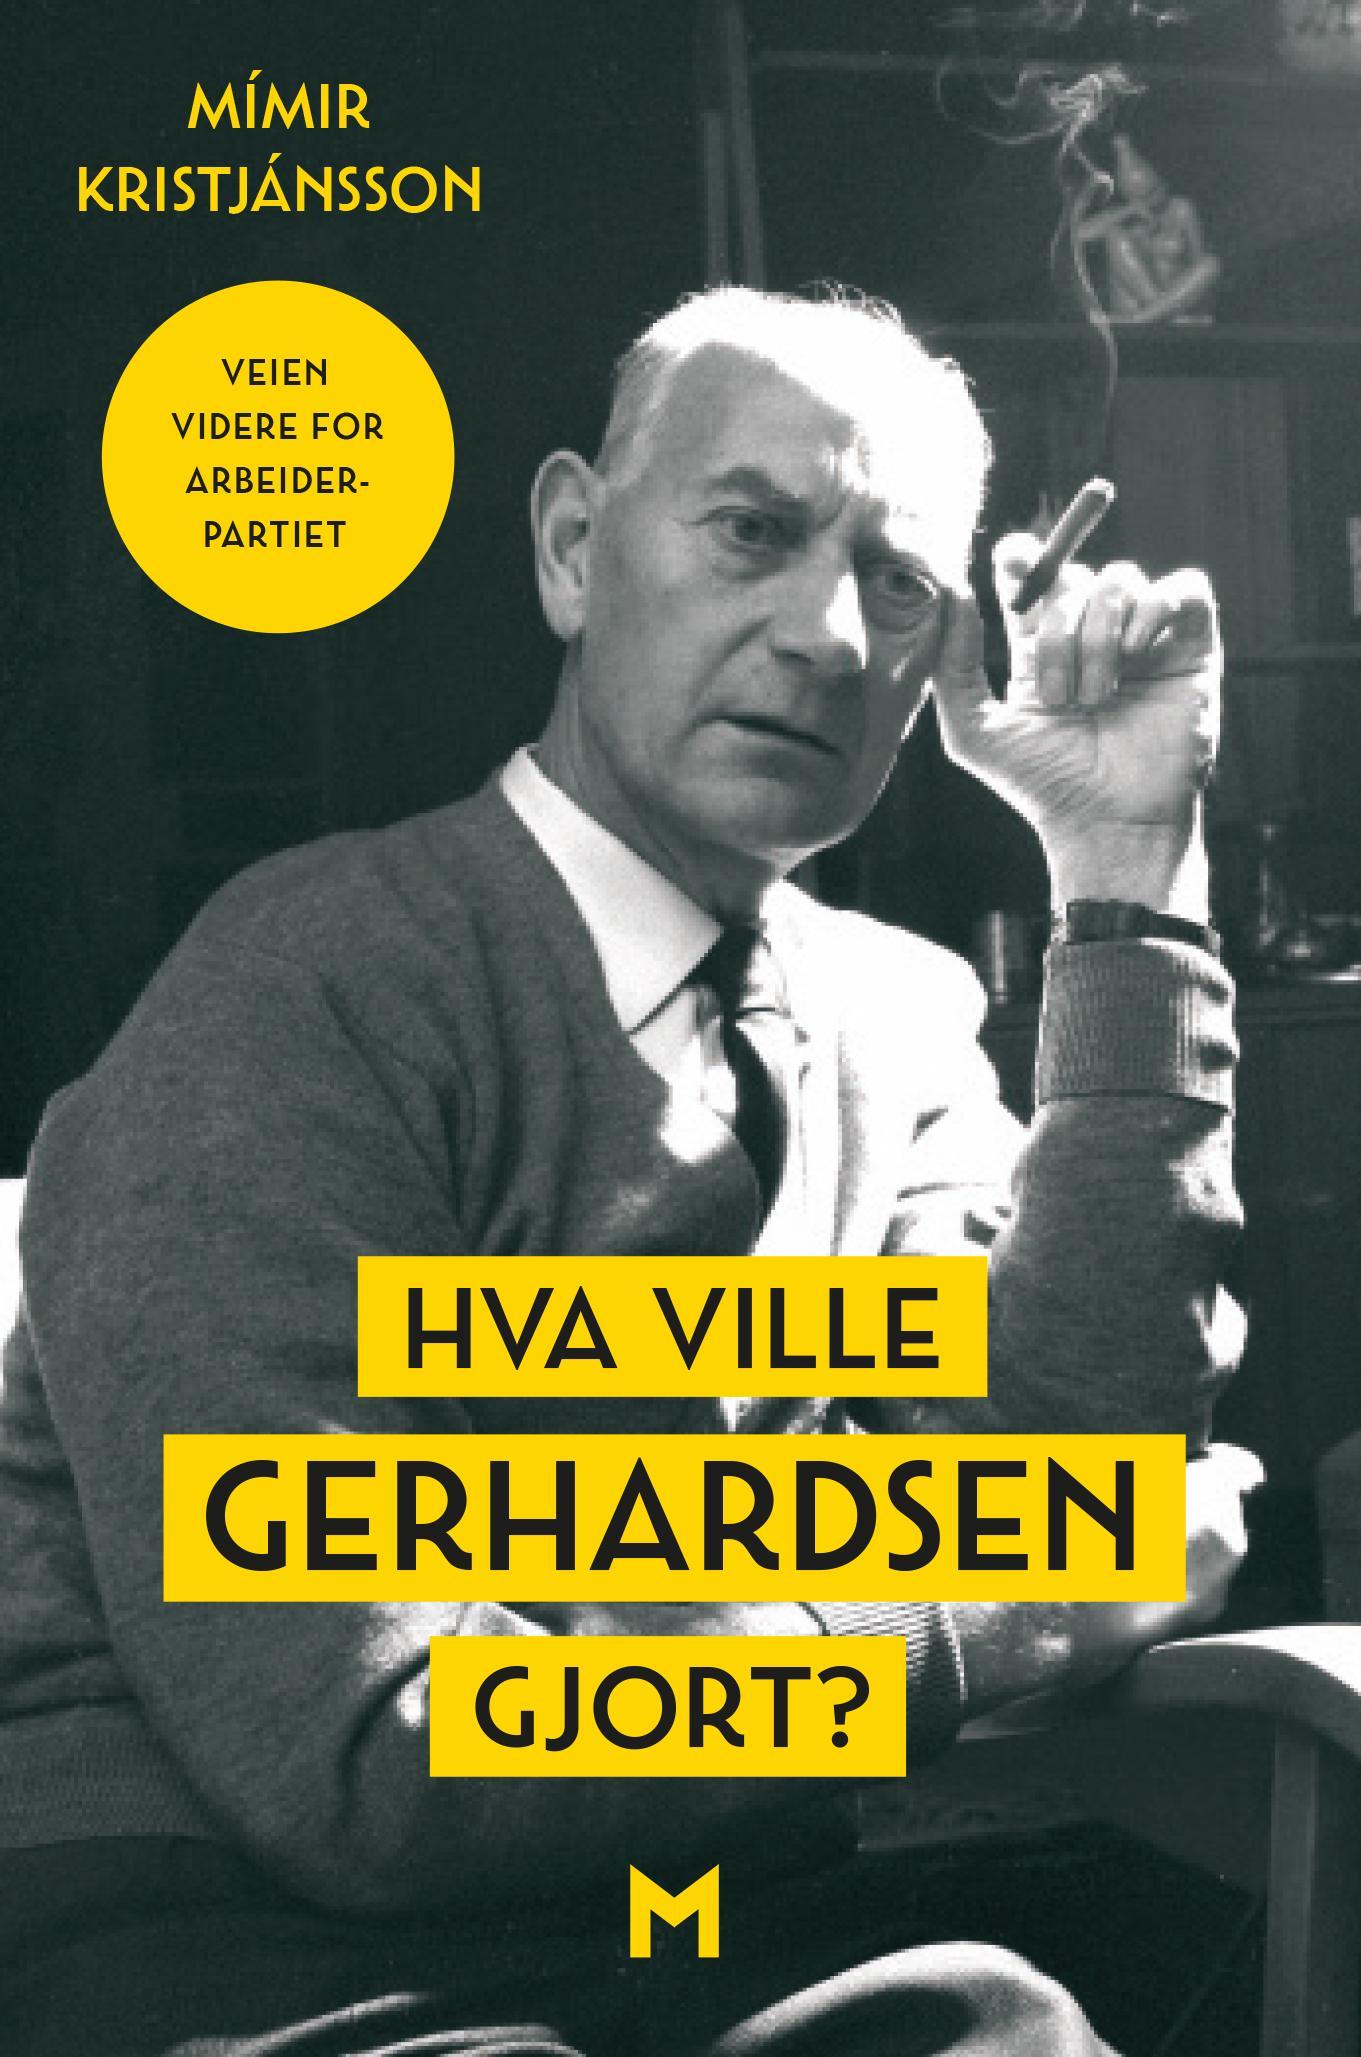 """""""Hva ville Gerhardsen gjort? - veien videre for Arbeiderpartiet"""" av Mímir Kristjánsson"""